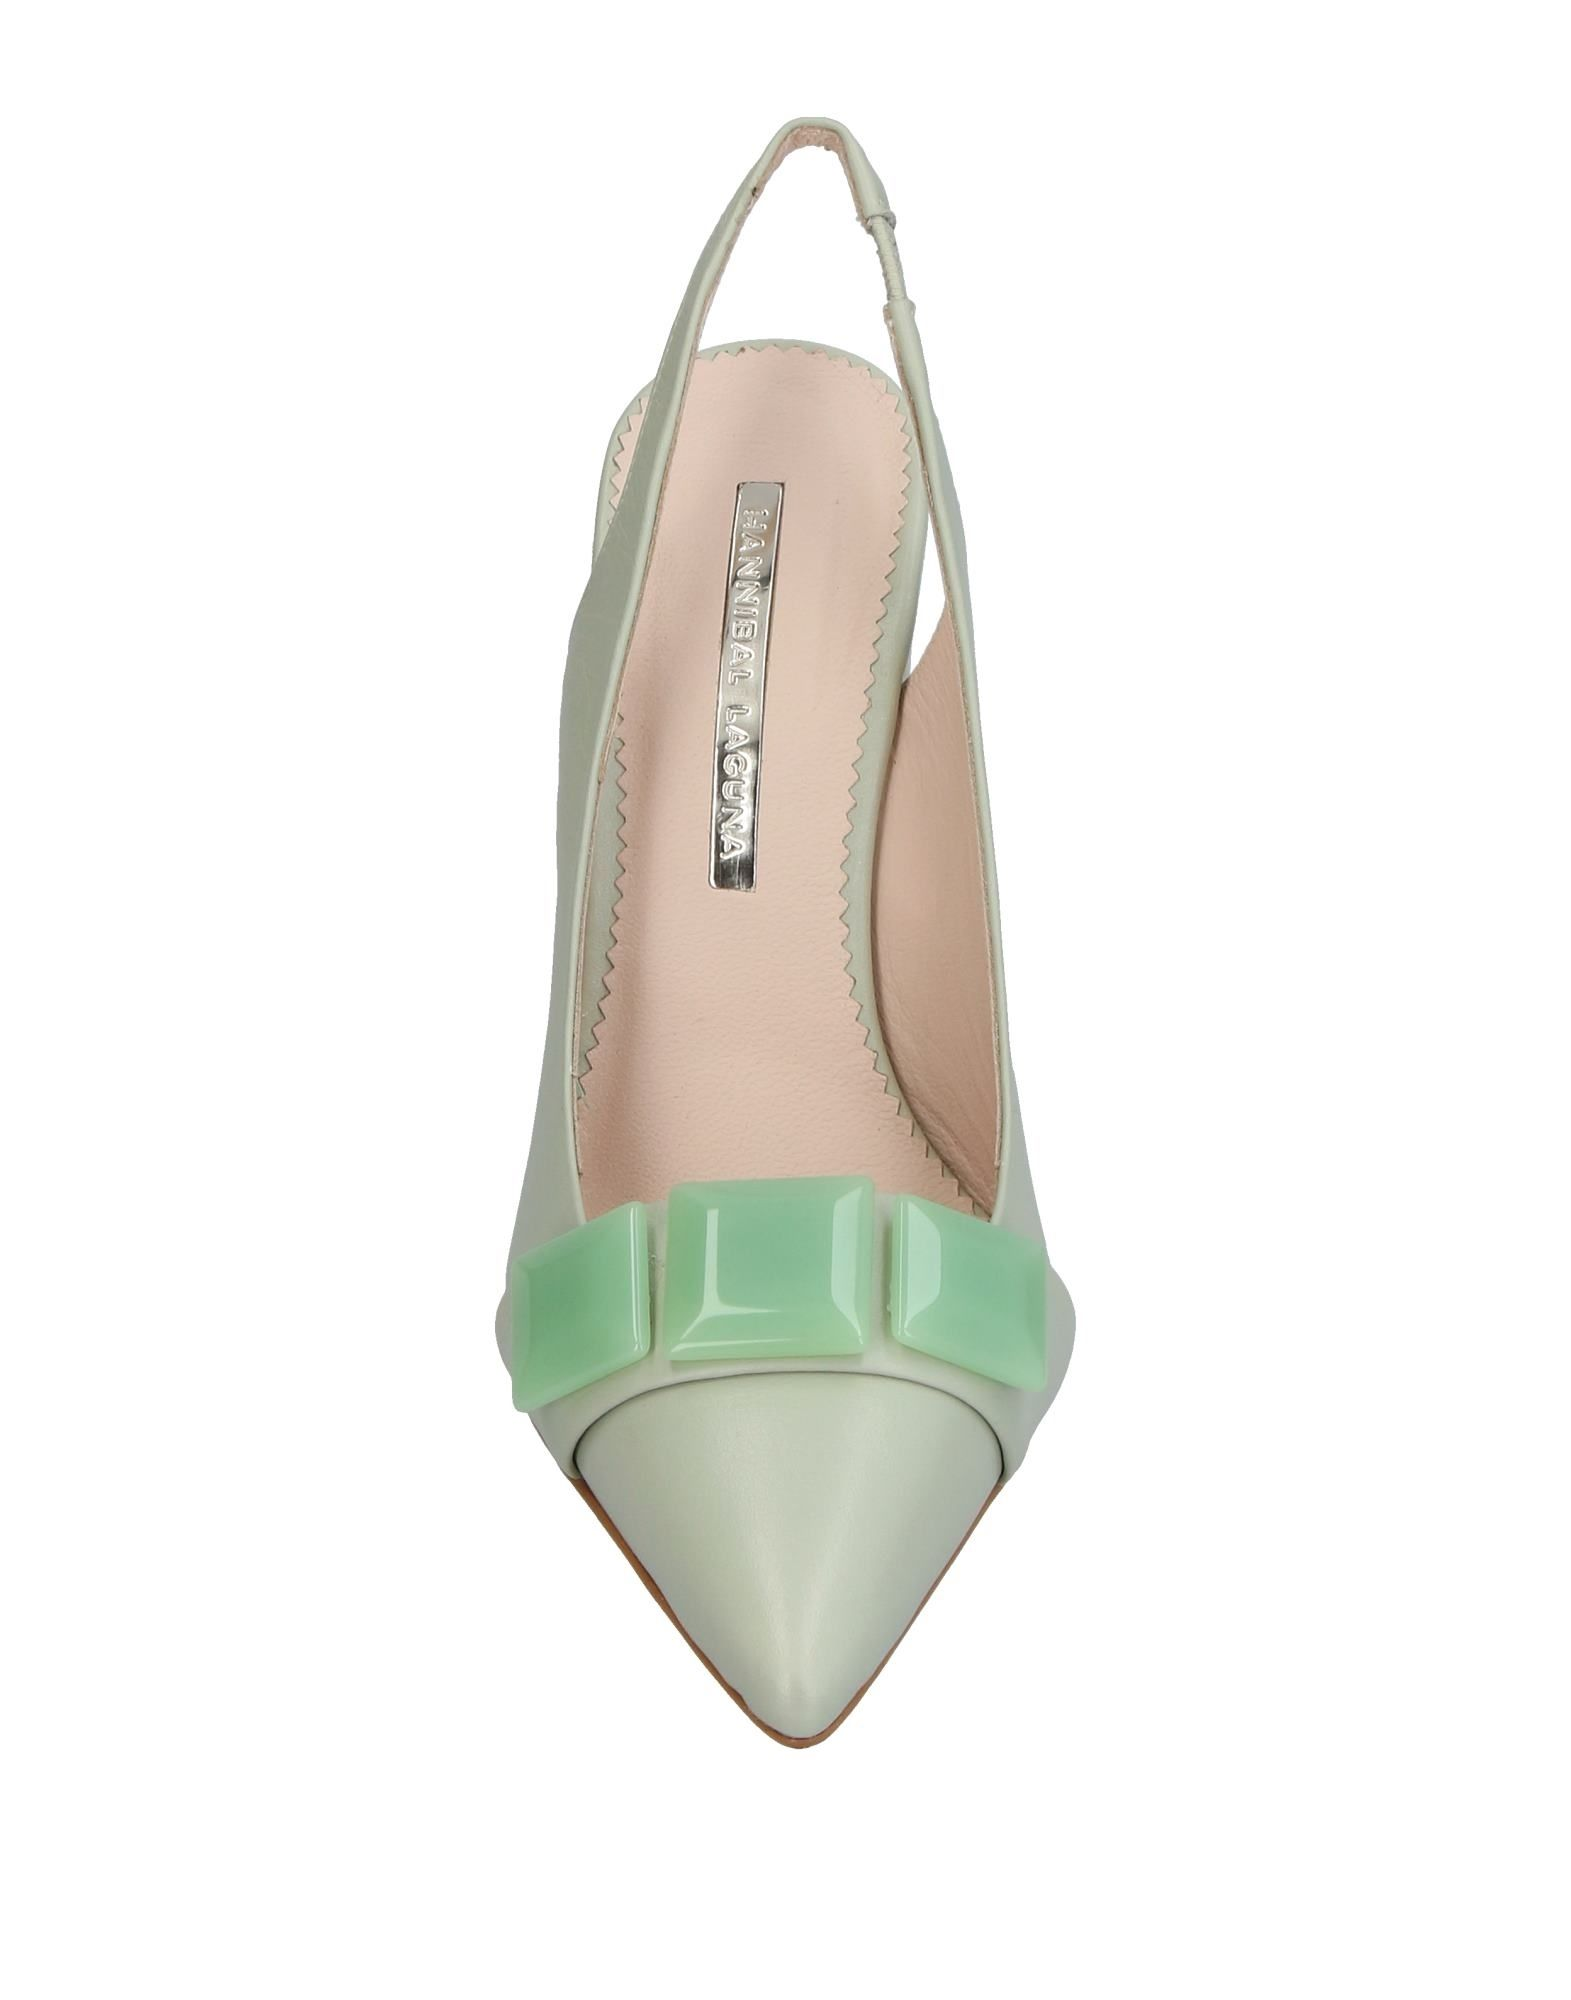 Hannibal Laguna Pumps Damen  11404941QO Gute Gute Gute Qualität beliebte Schuhe 1e088c